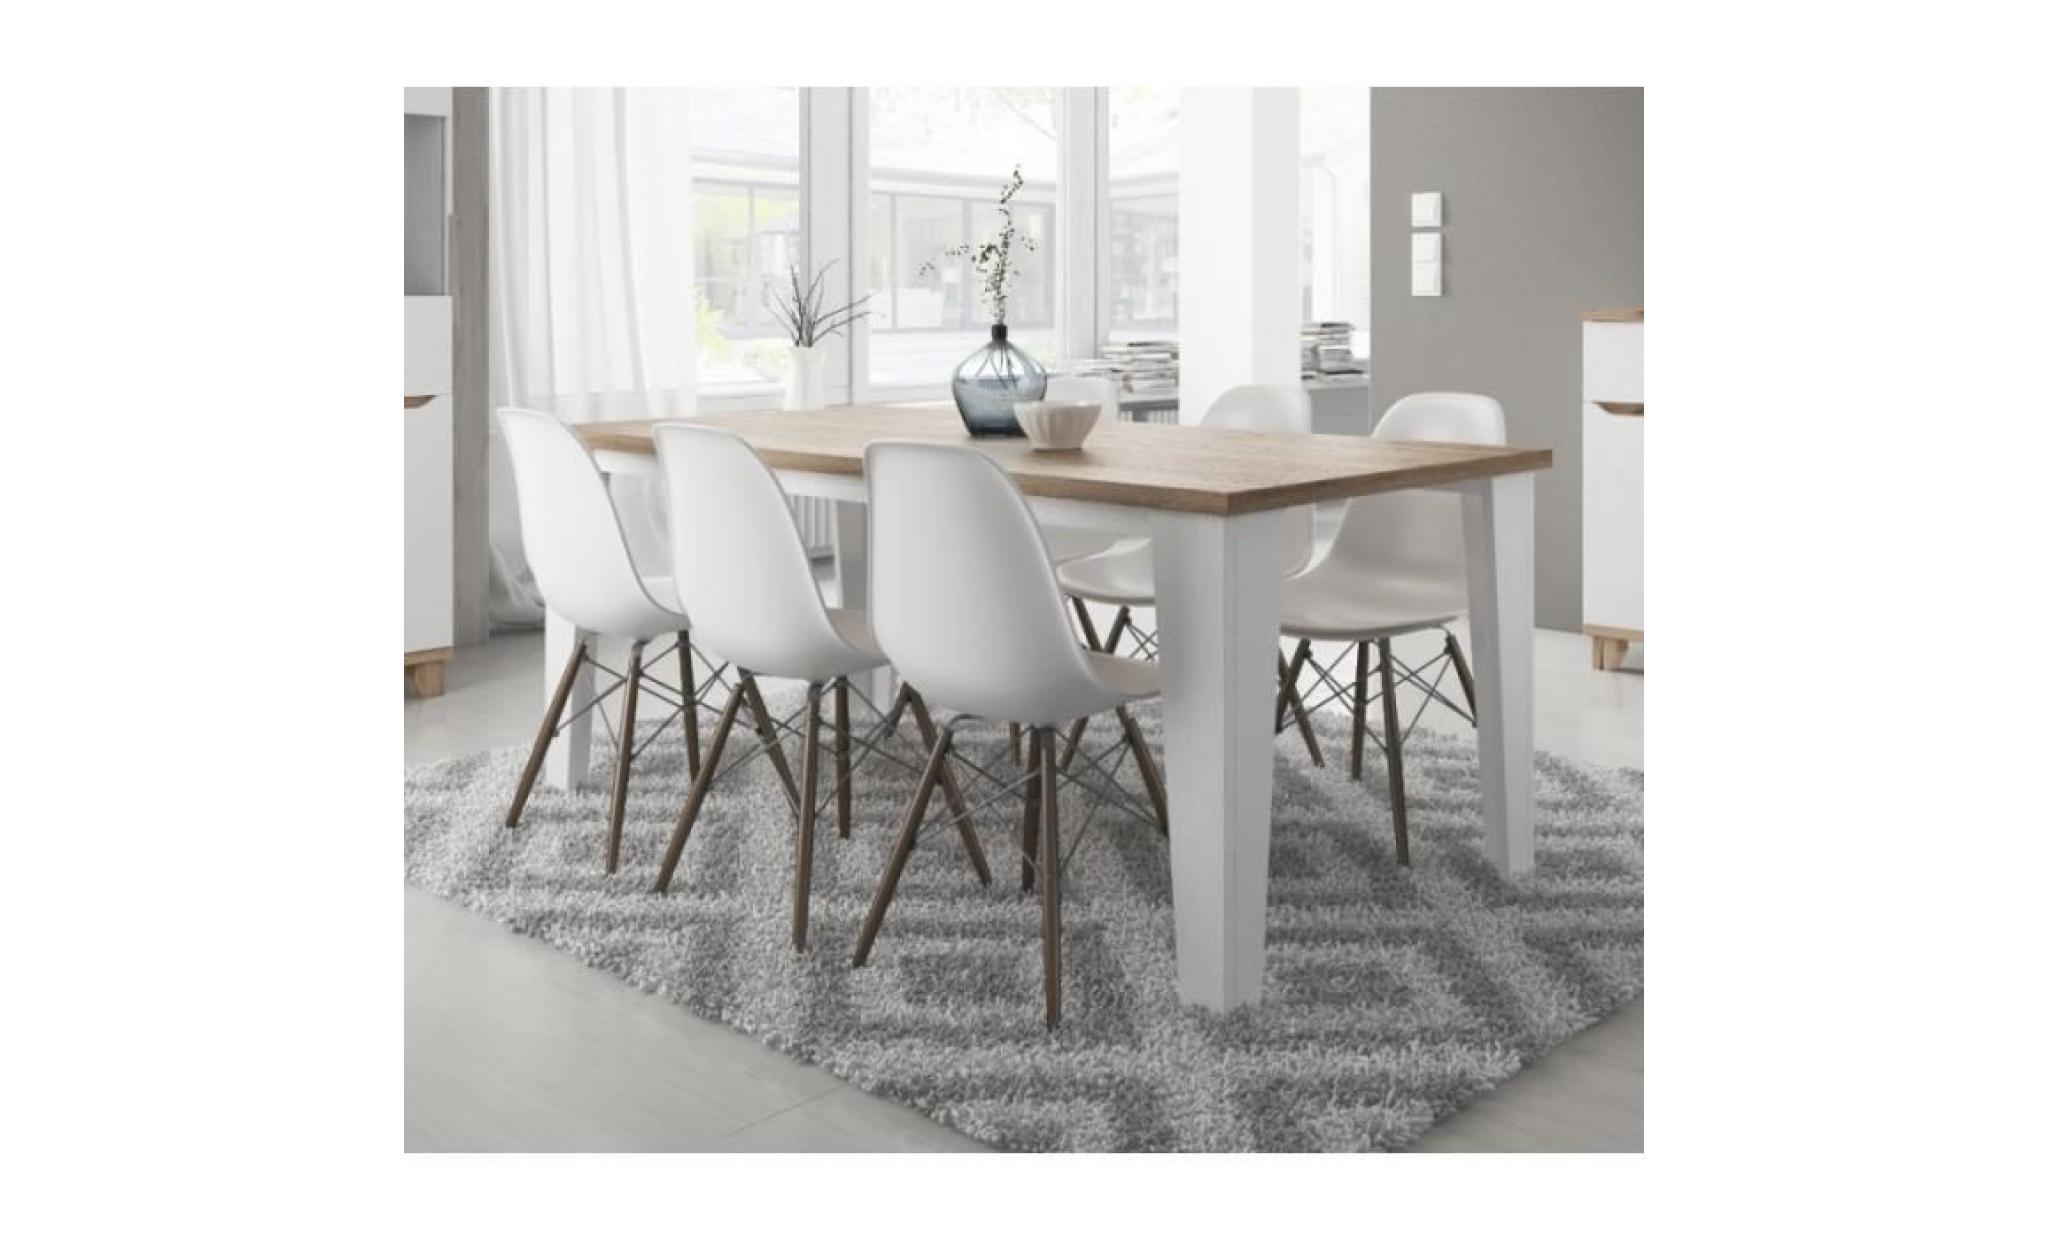 table a manger scandinave lier blanc et bois achat vente table salle a manger pas cher couleur et design fr